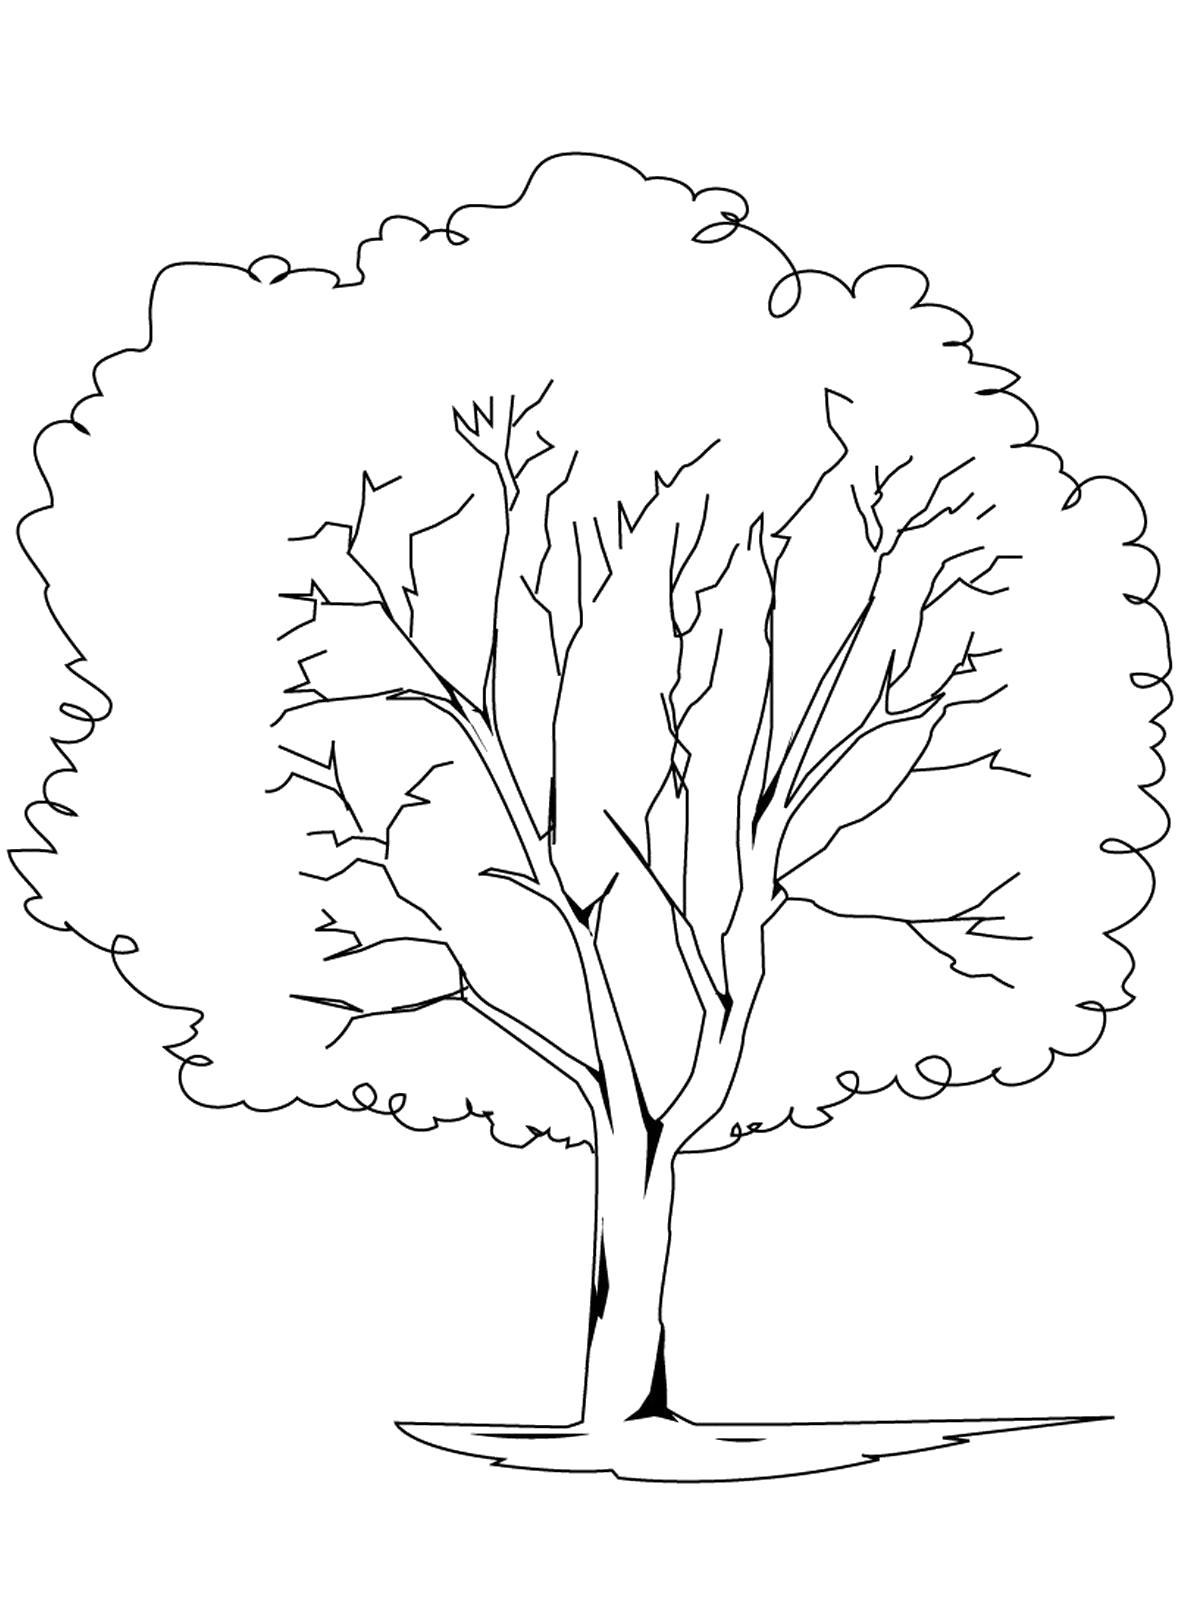 Раскраска  деревья и кустарники. . Скачать дерево.  Распечатать растения